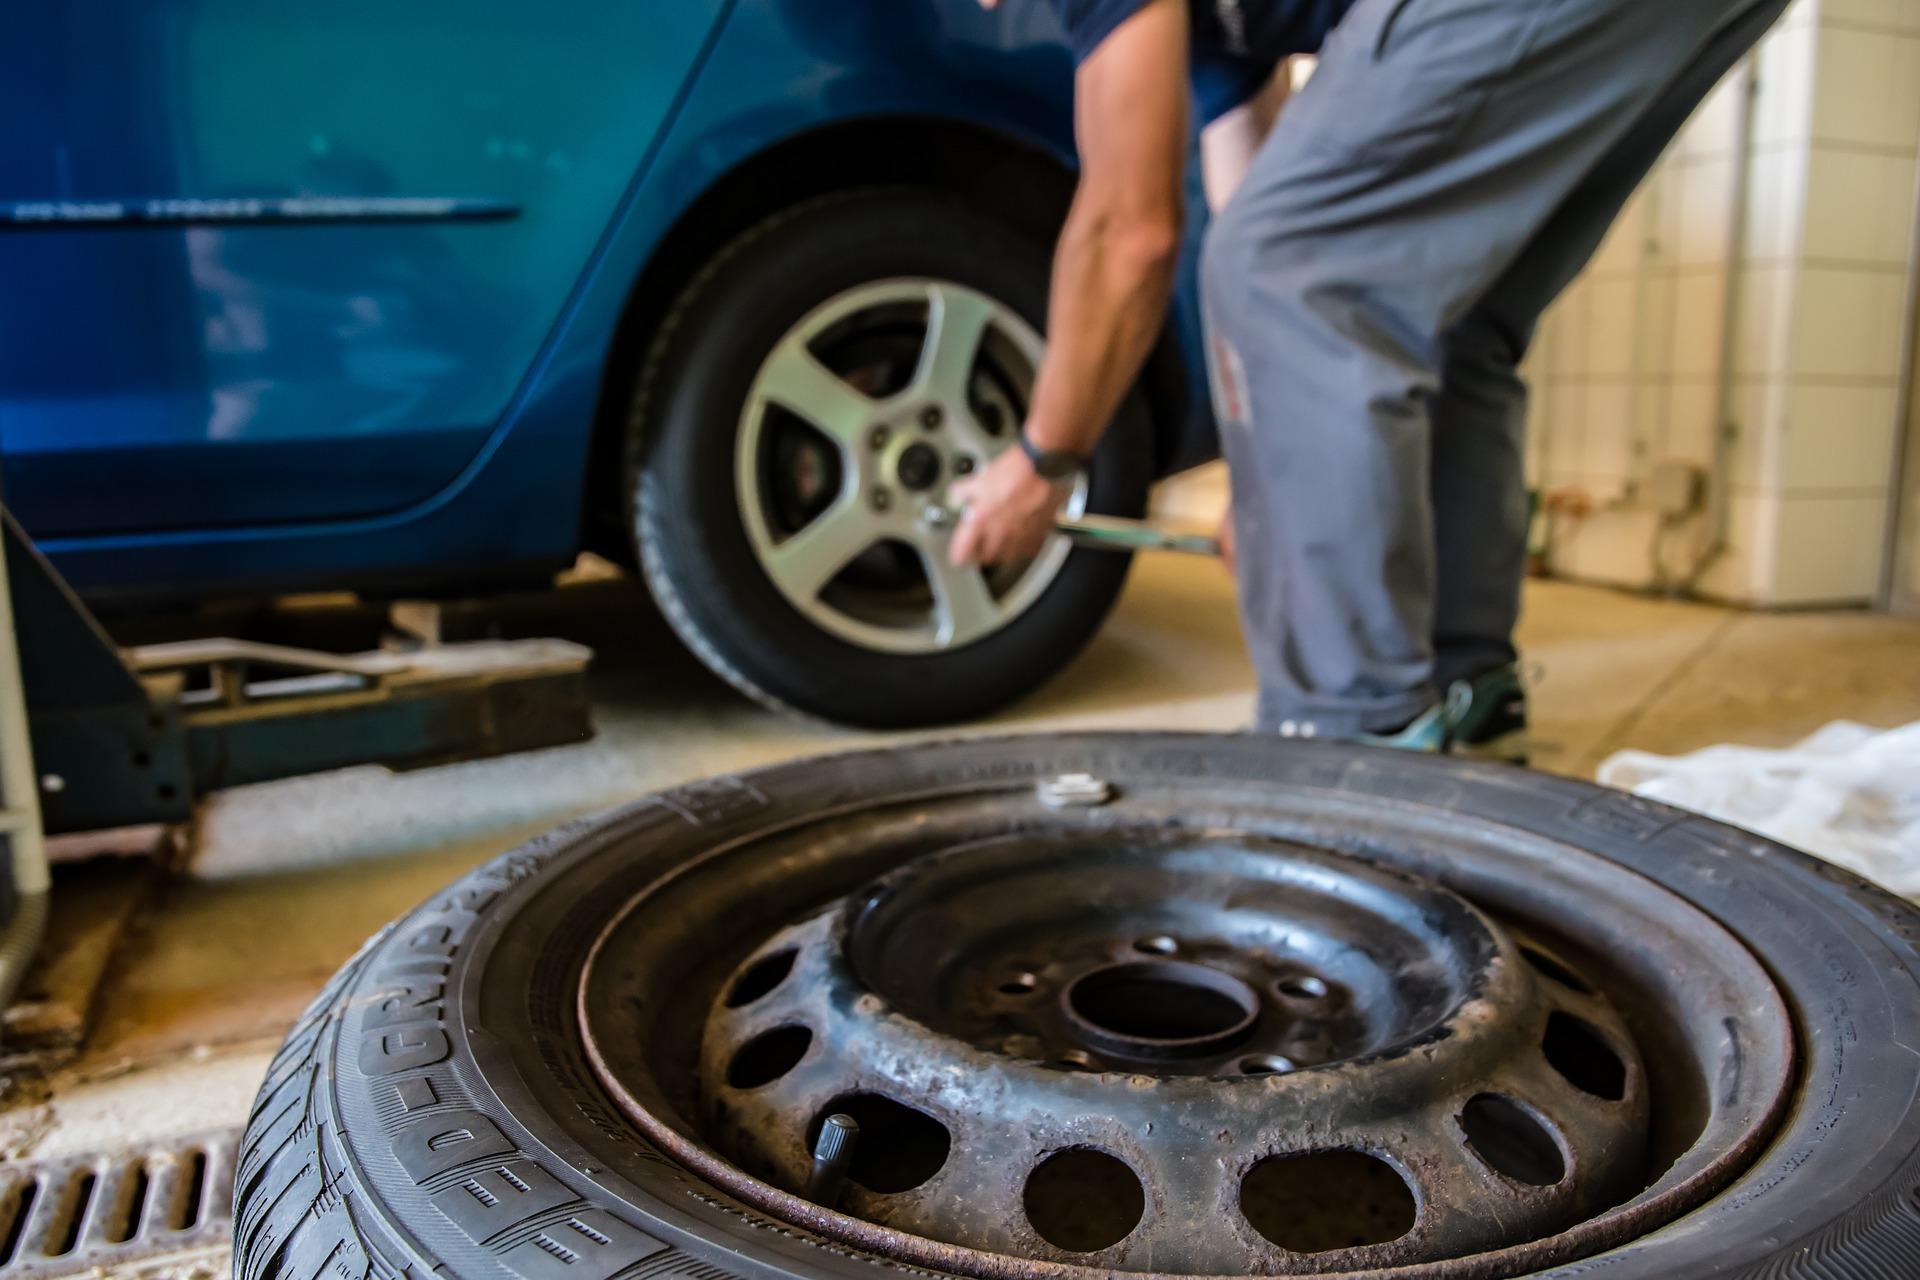 La importancia del cuidado de los neumáticos en la seguridad vial